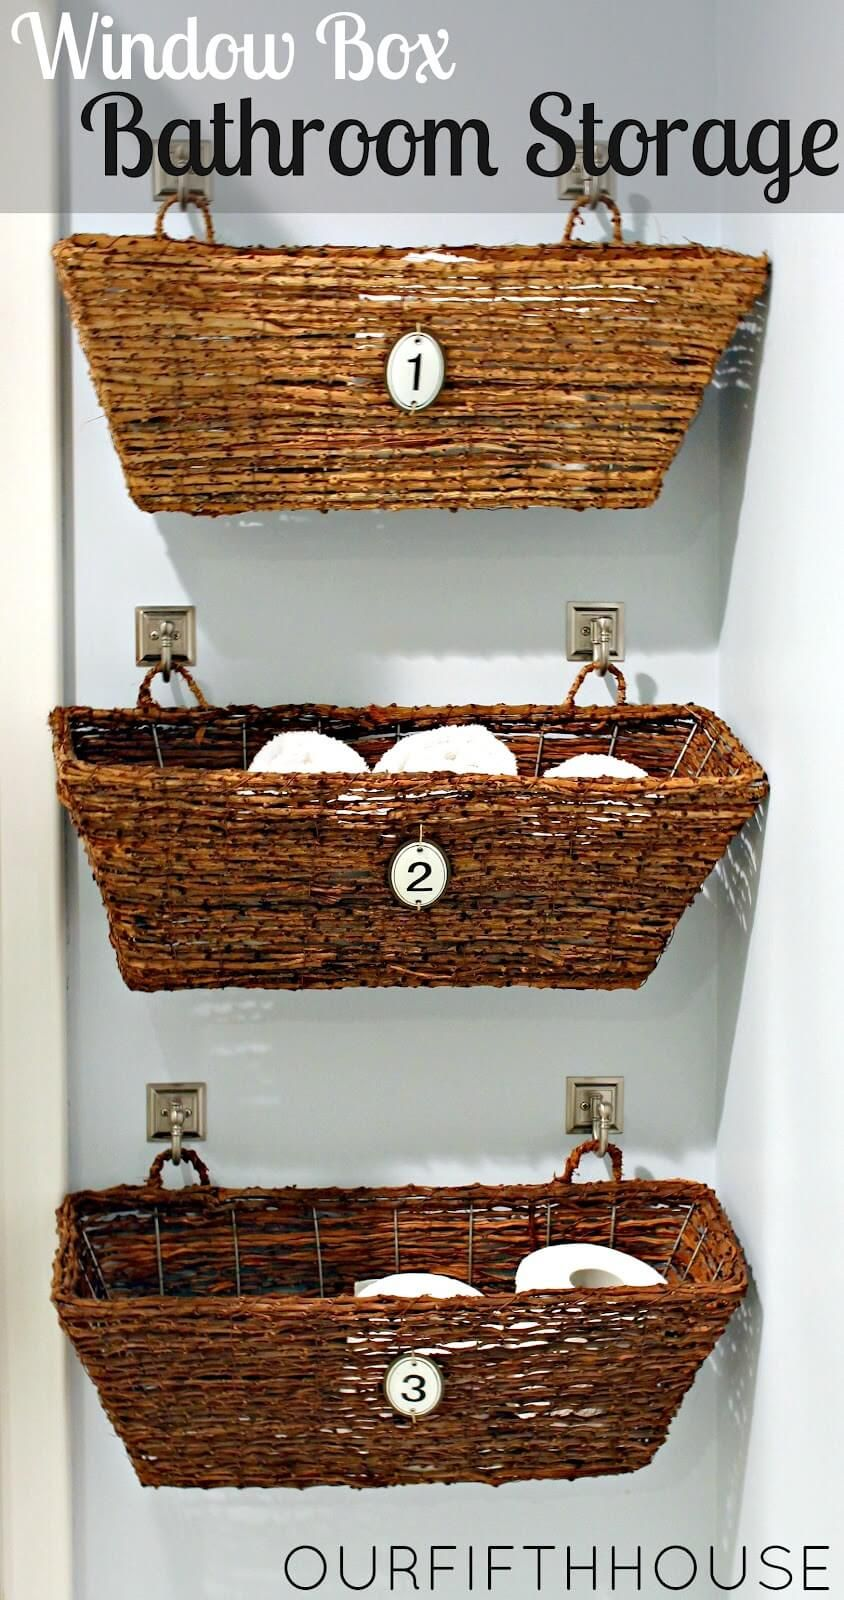 42 Super Creative Diy Bathroom Storage Projects To Organize Your Bathroom On A Budget Korb Badezimmer Aufbewahrung Badezimmerideen Badezimmer Lagerung